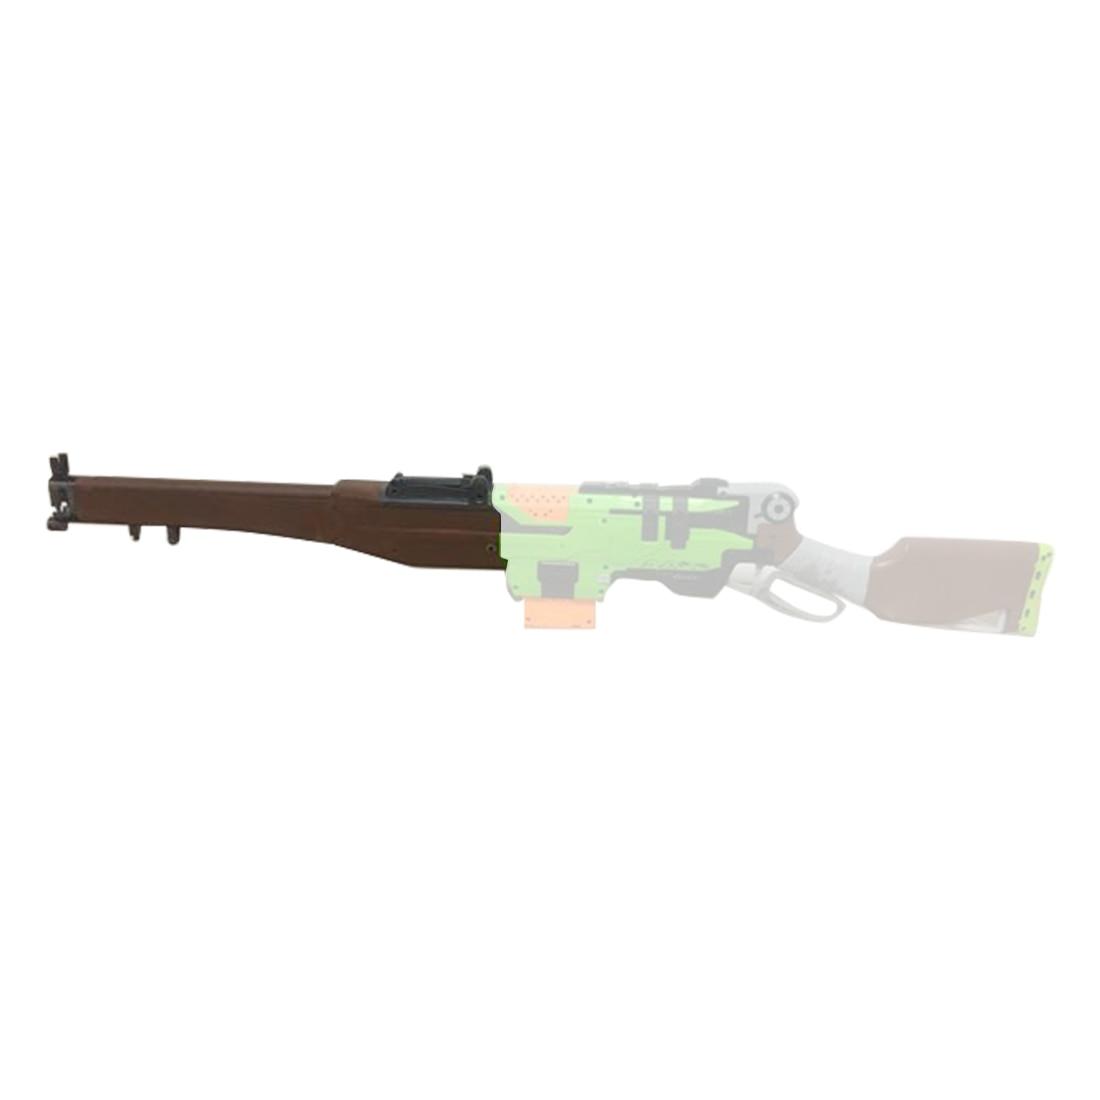 Surwish militaire tactique impression 3D longs barils pour Nerf Zombie grève SlingFire Blaster-brun